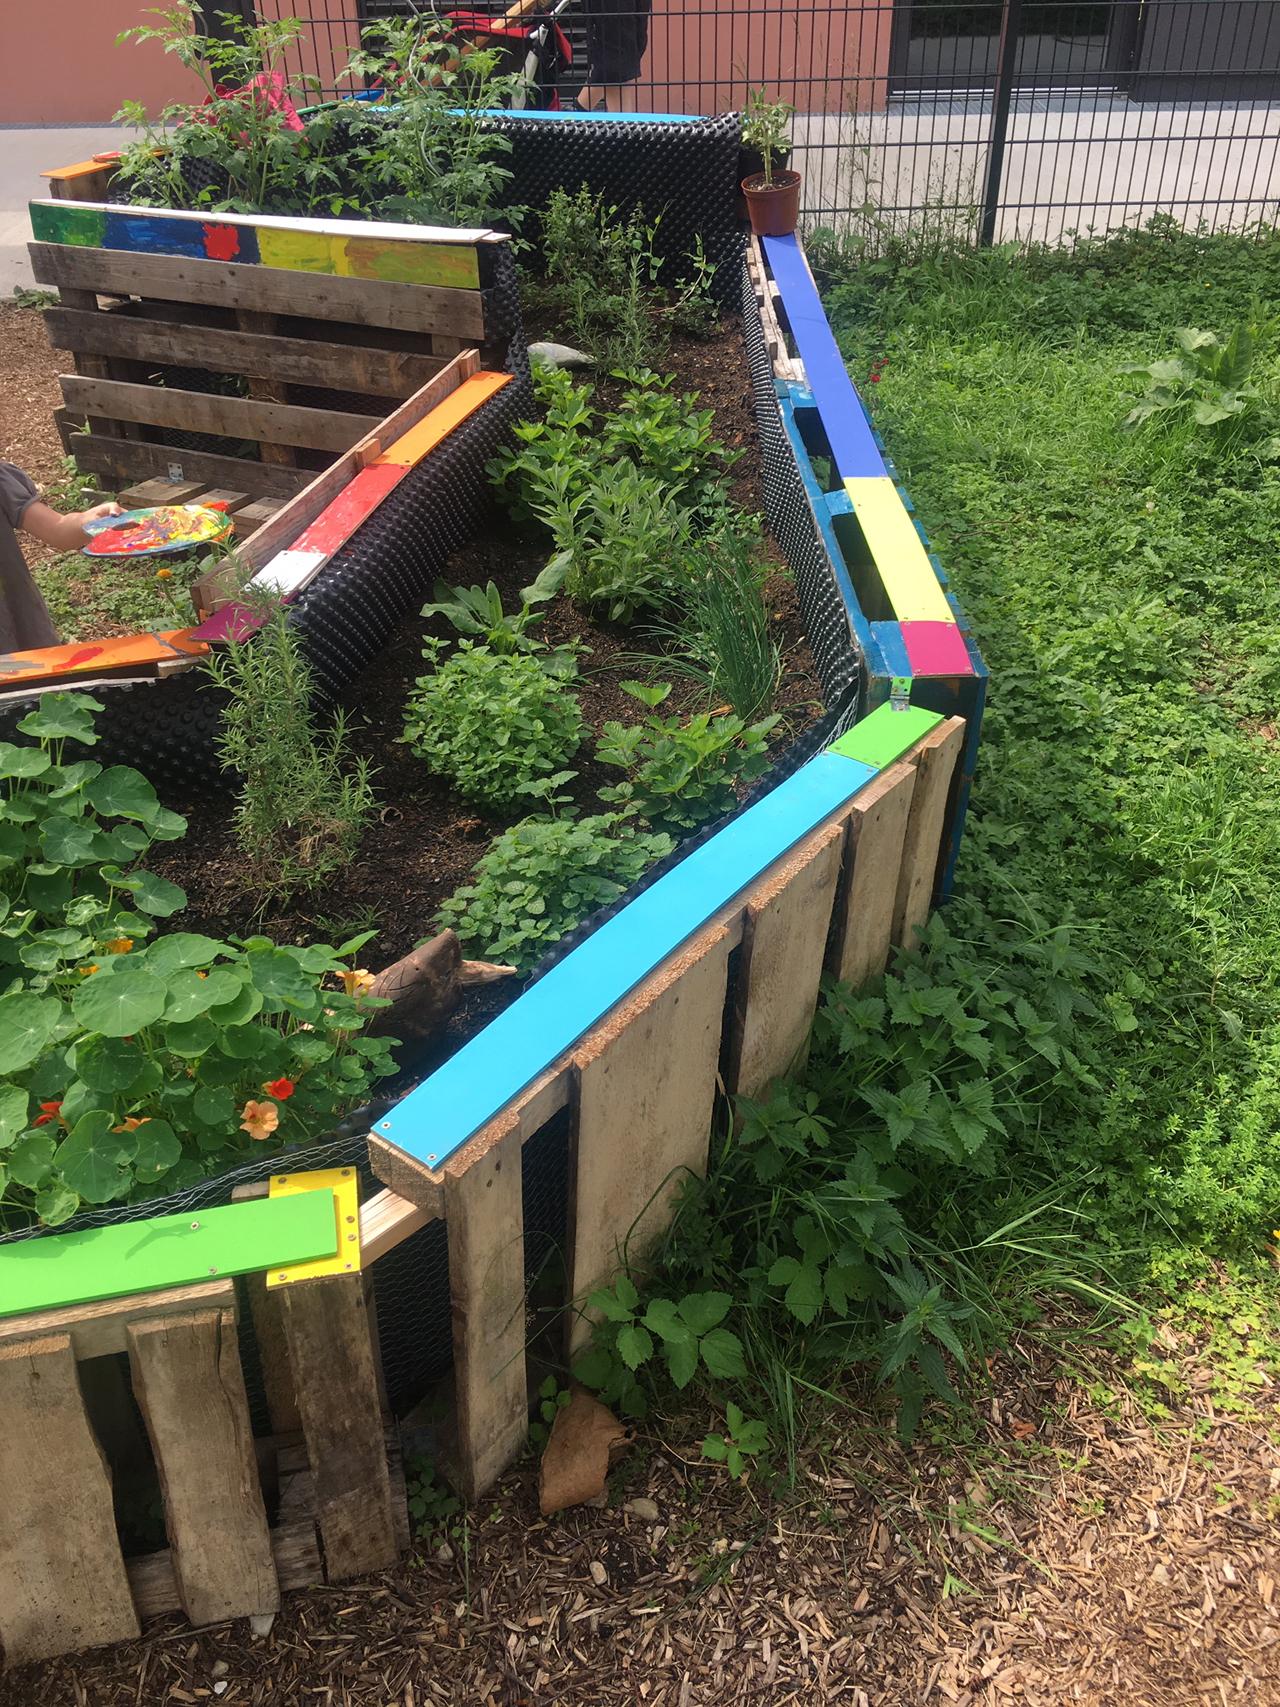 Feierwerk_Blog_Funkstation_Familie_Urban_Gardening_3